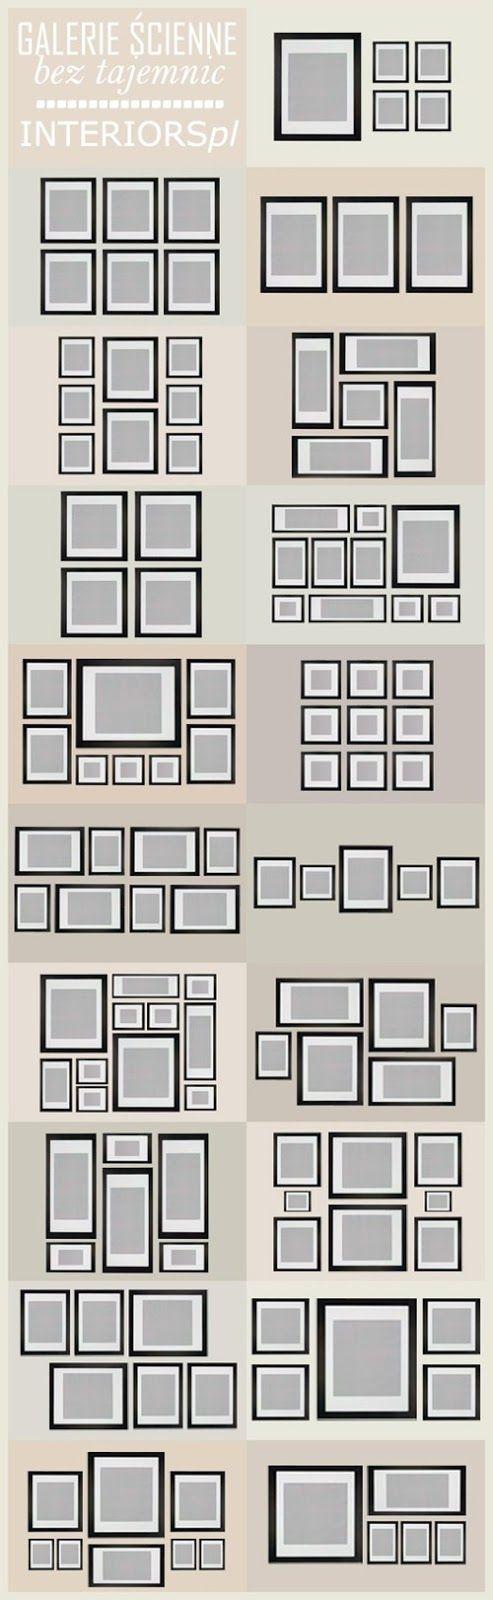 75fababf4d3ea1949d69a38d2ba2e2d4.jpg